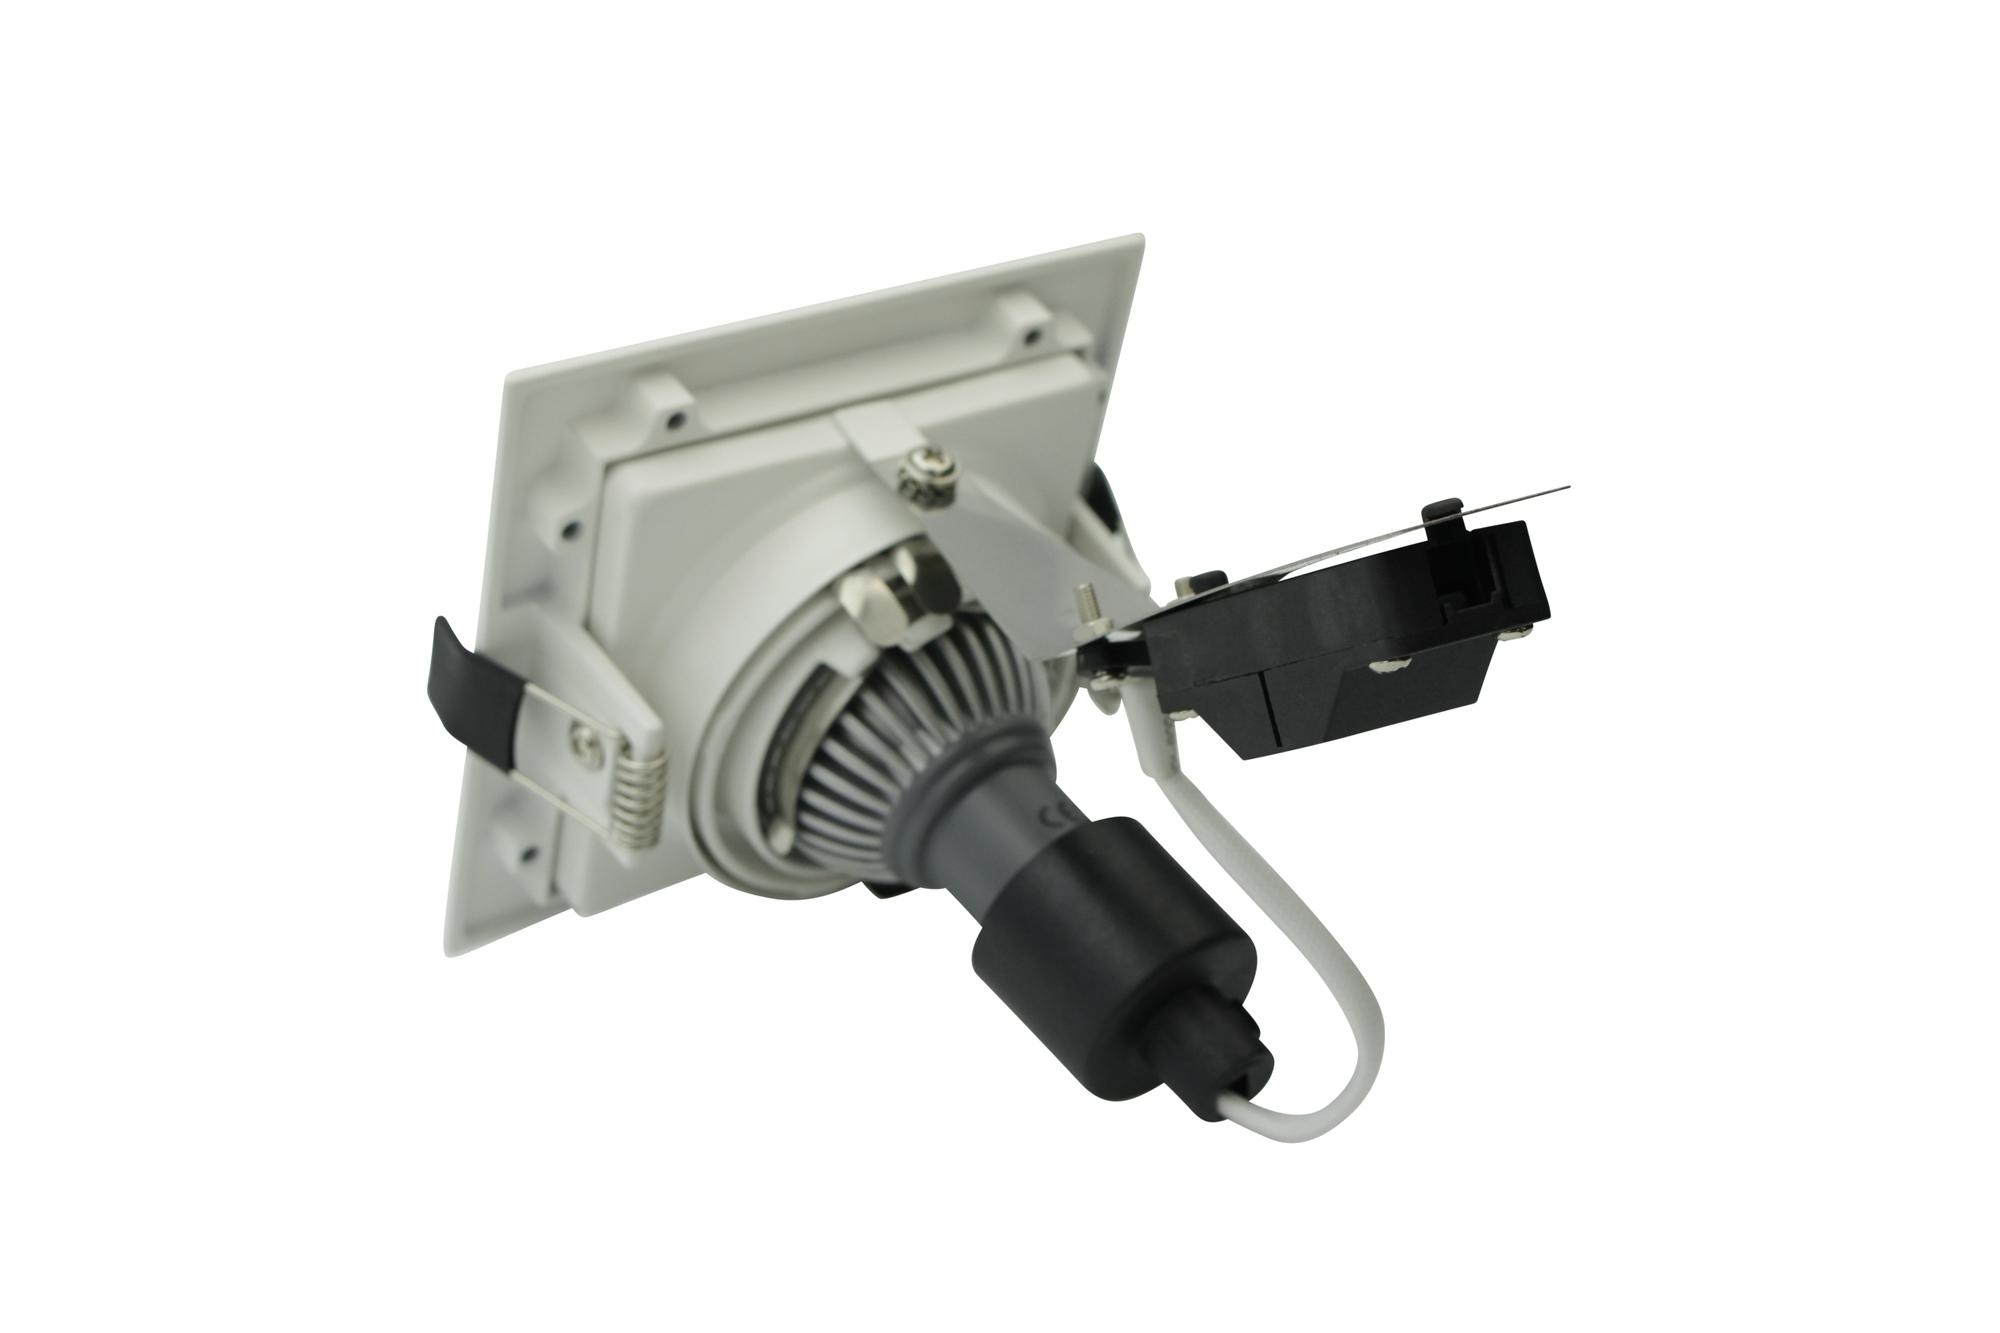 Lampenlux LED-Einbaustrahler Spot Scout eckig weiß dreh- und schwenkbar Einbauspot